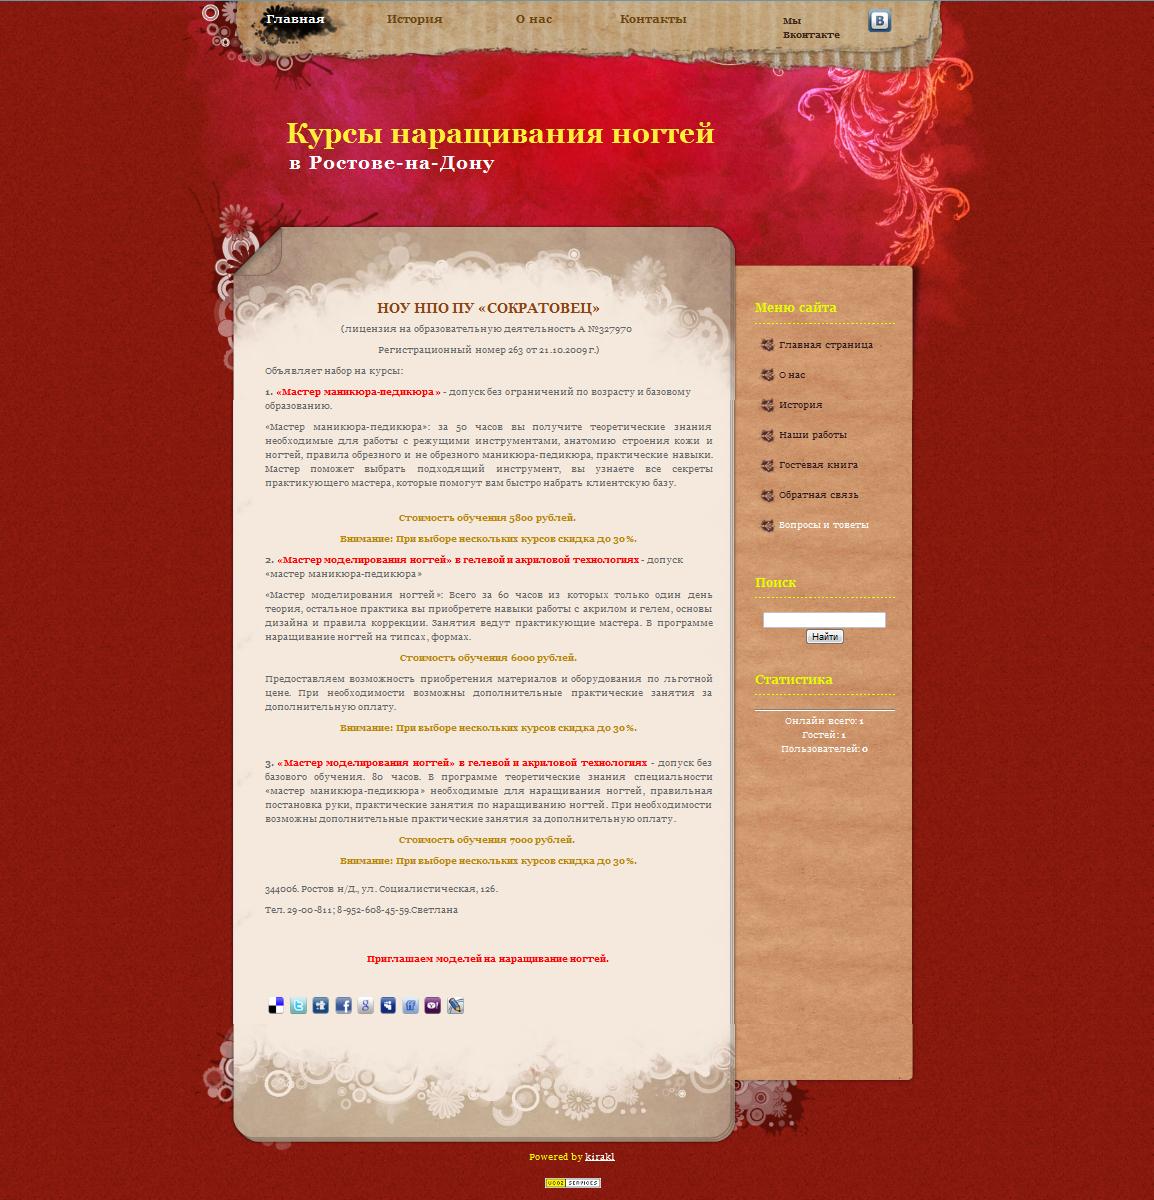 Сайт курсов по наращиванию ногтей, Ростов-на-Дону